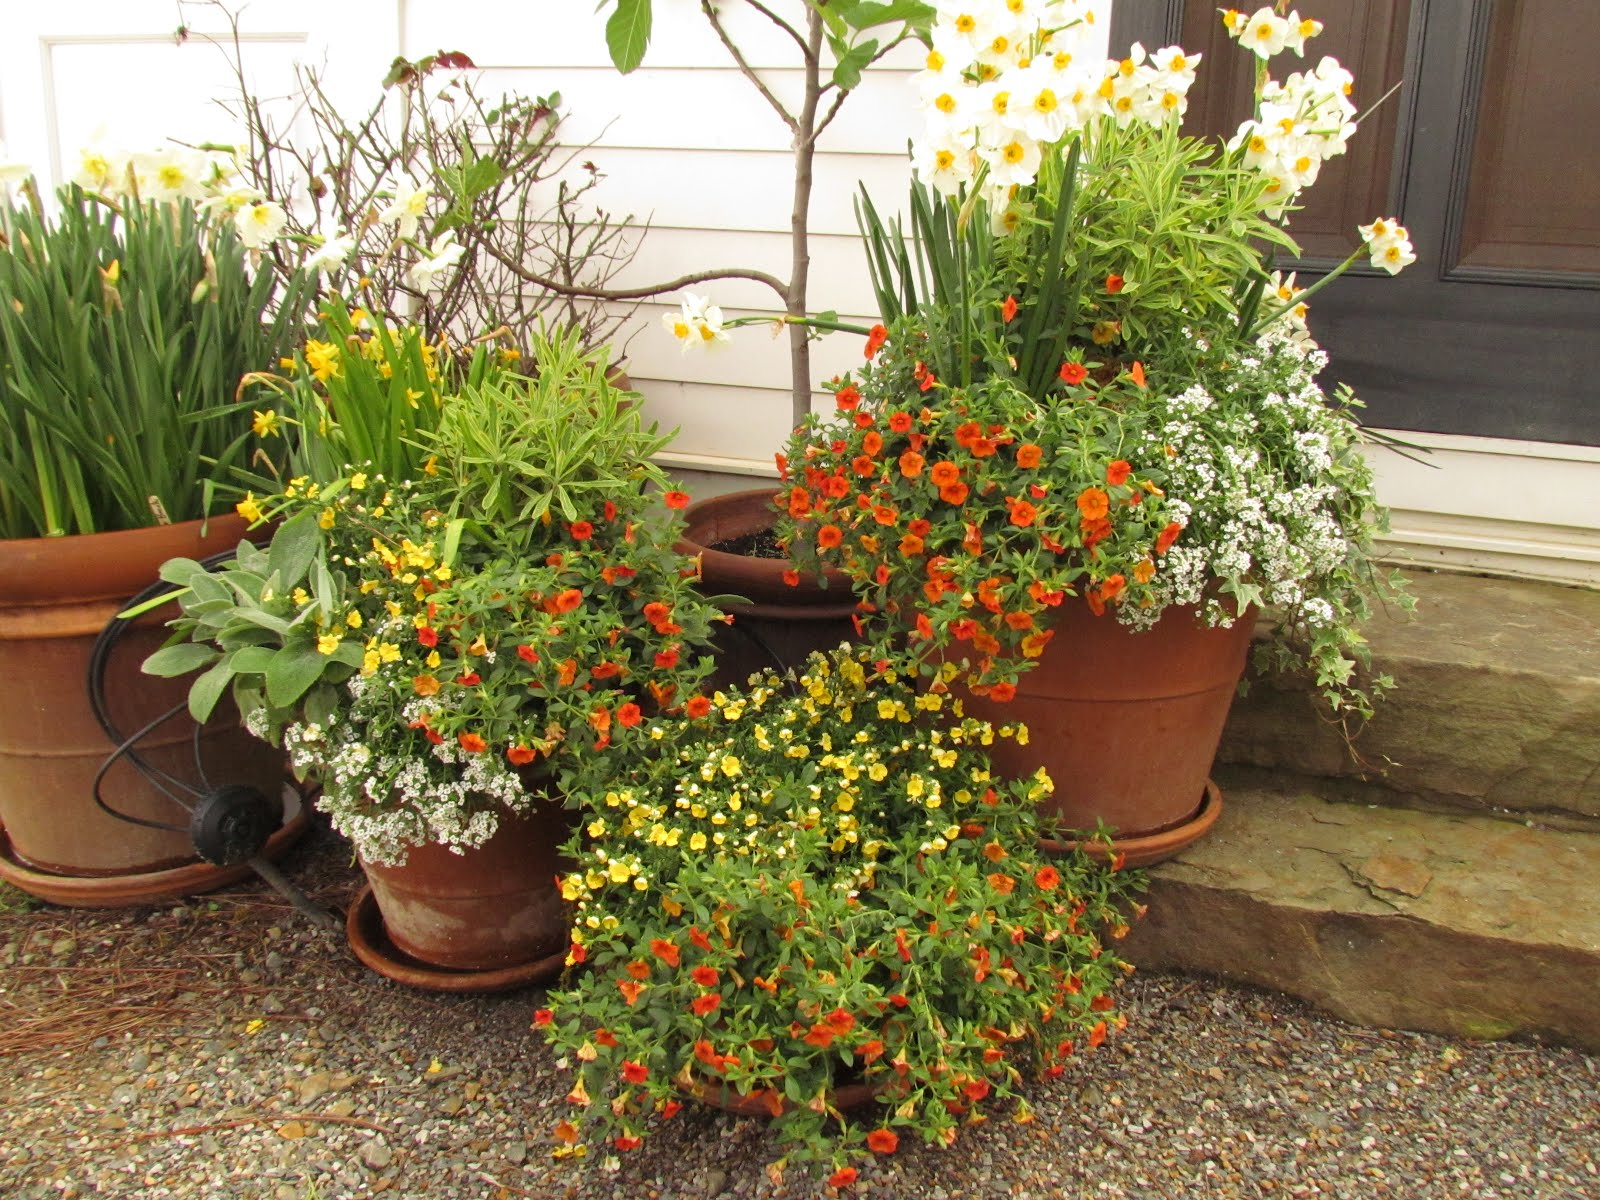 Moss Mountain Farm – An Early Spring Visit to P Allen Smith\'s Garden ...